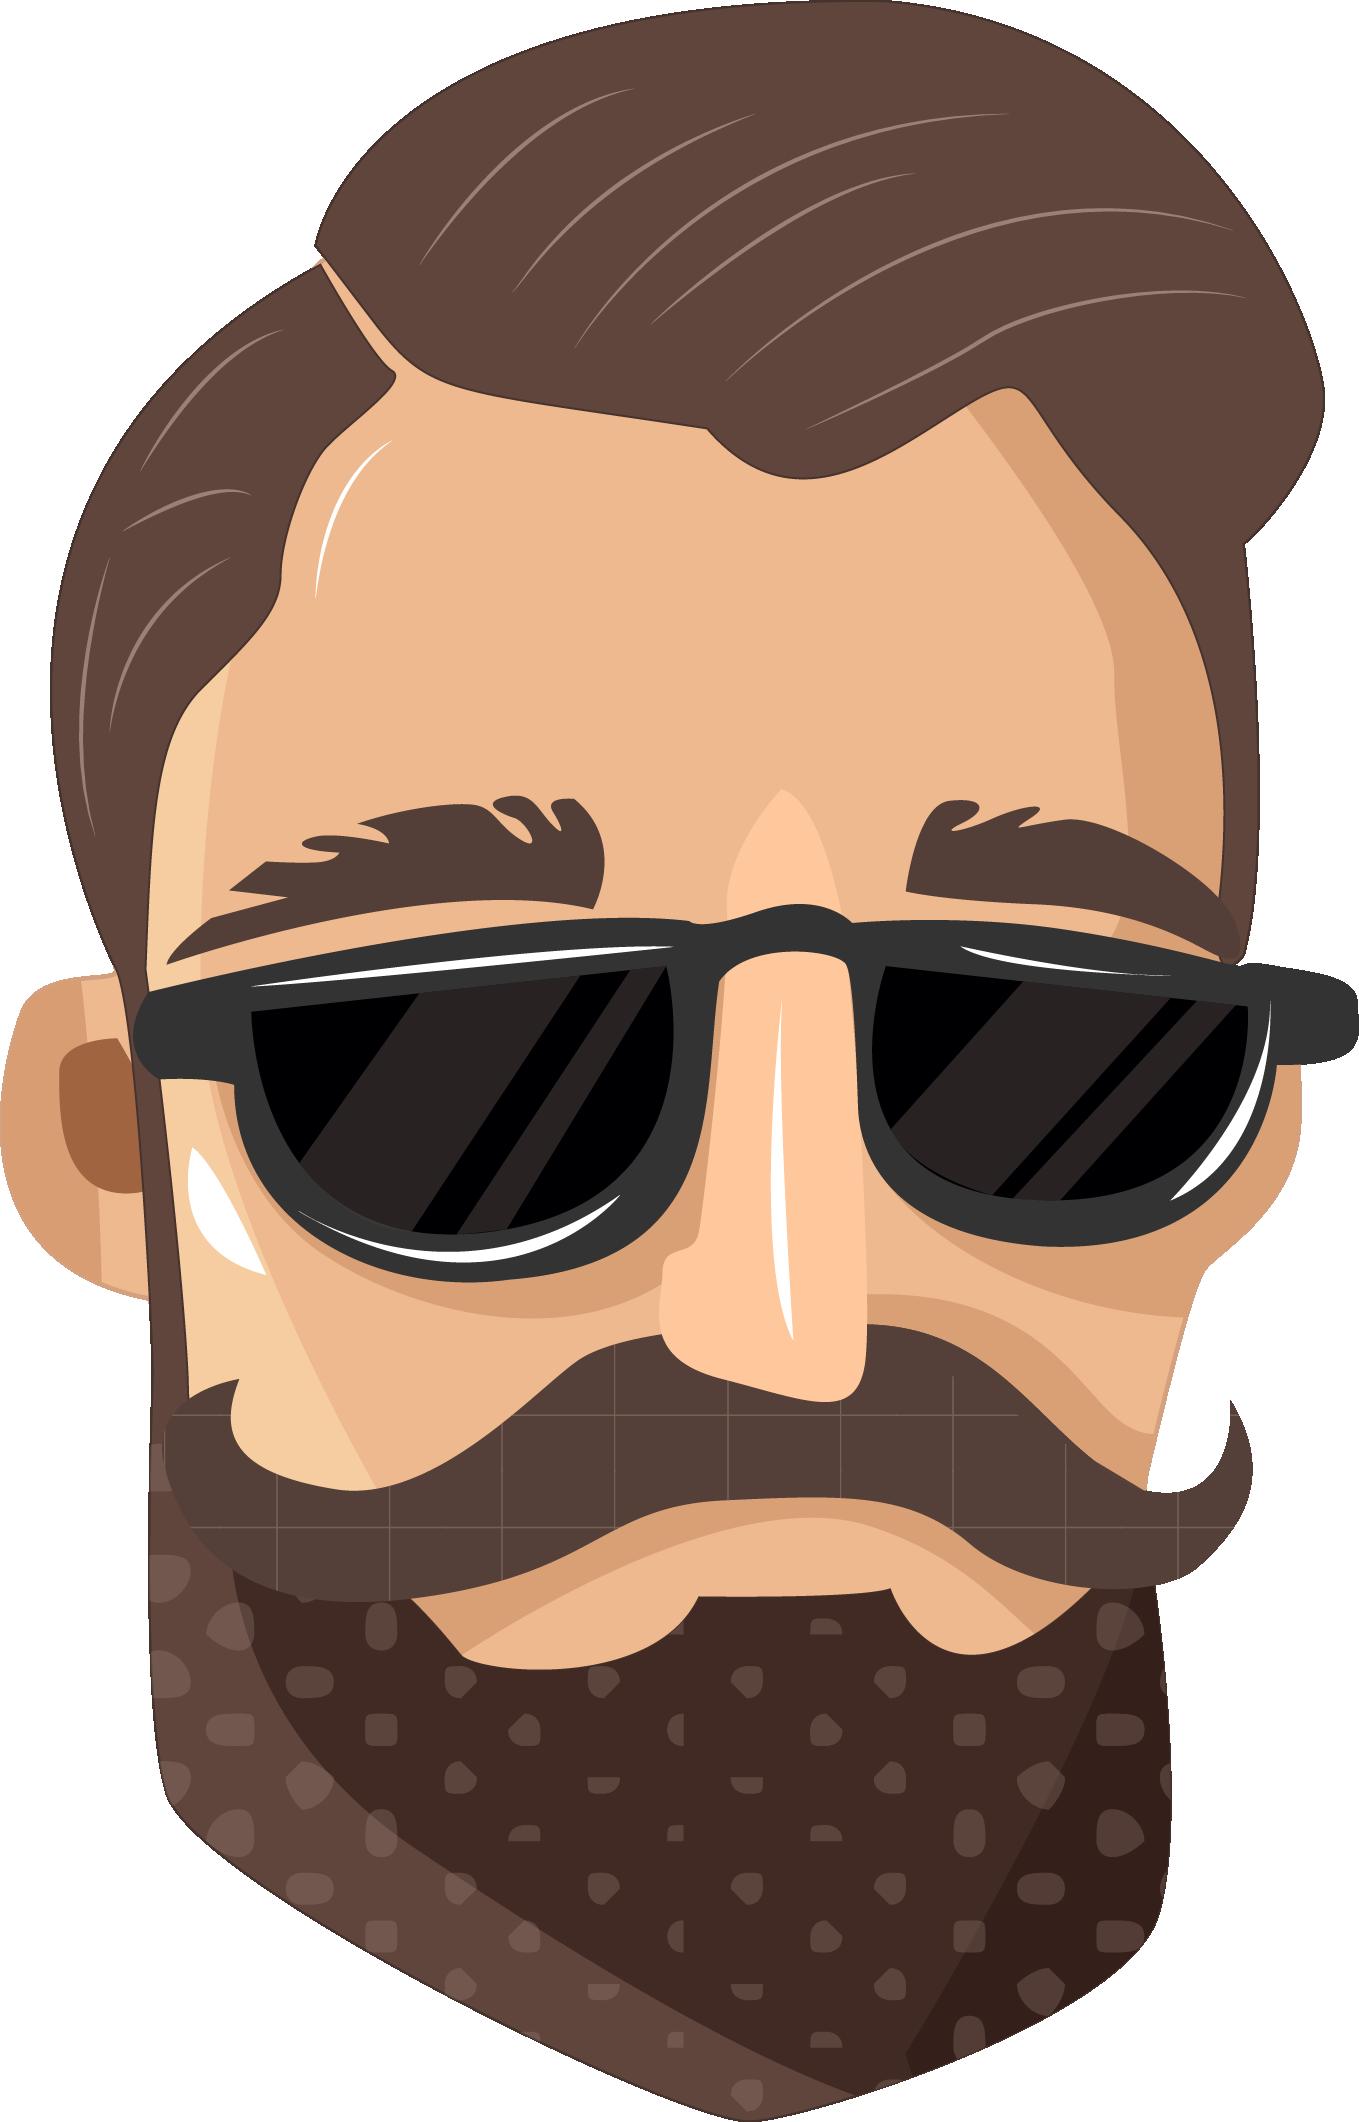 Clipart mustache dap. Pin by hammad aslam